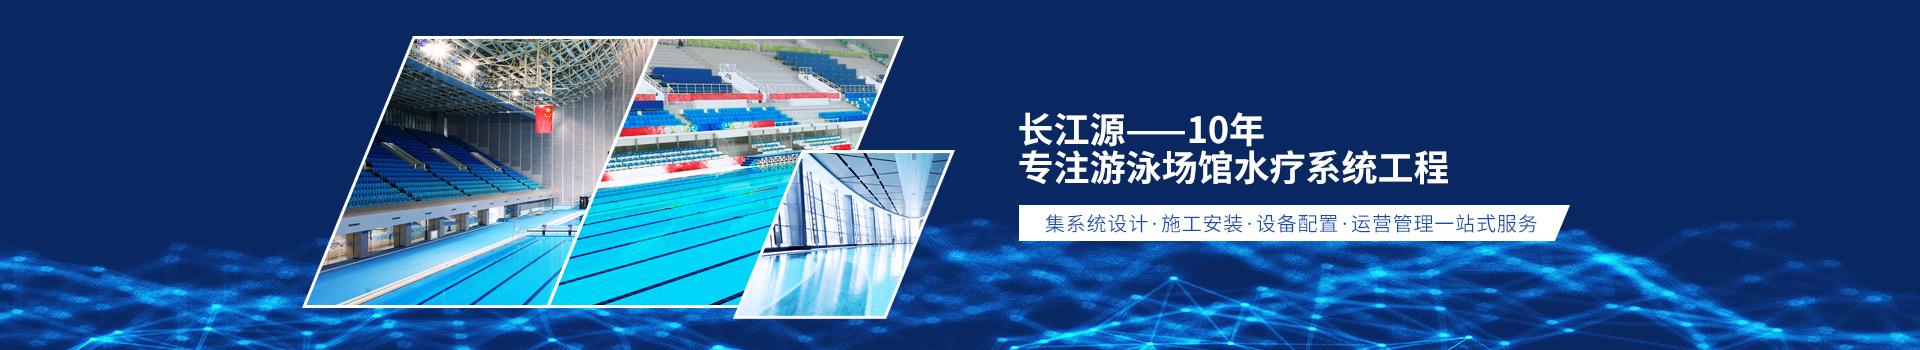 南宁长江源-10年专注游泳场馆水疗系统工程